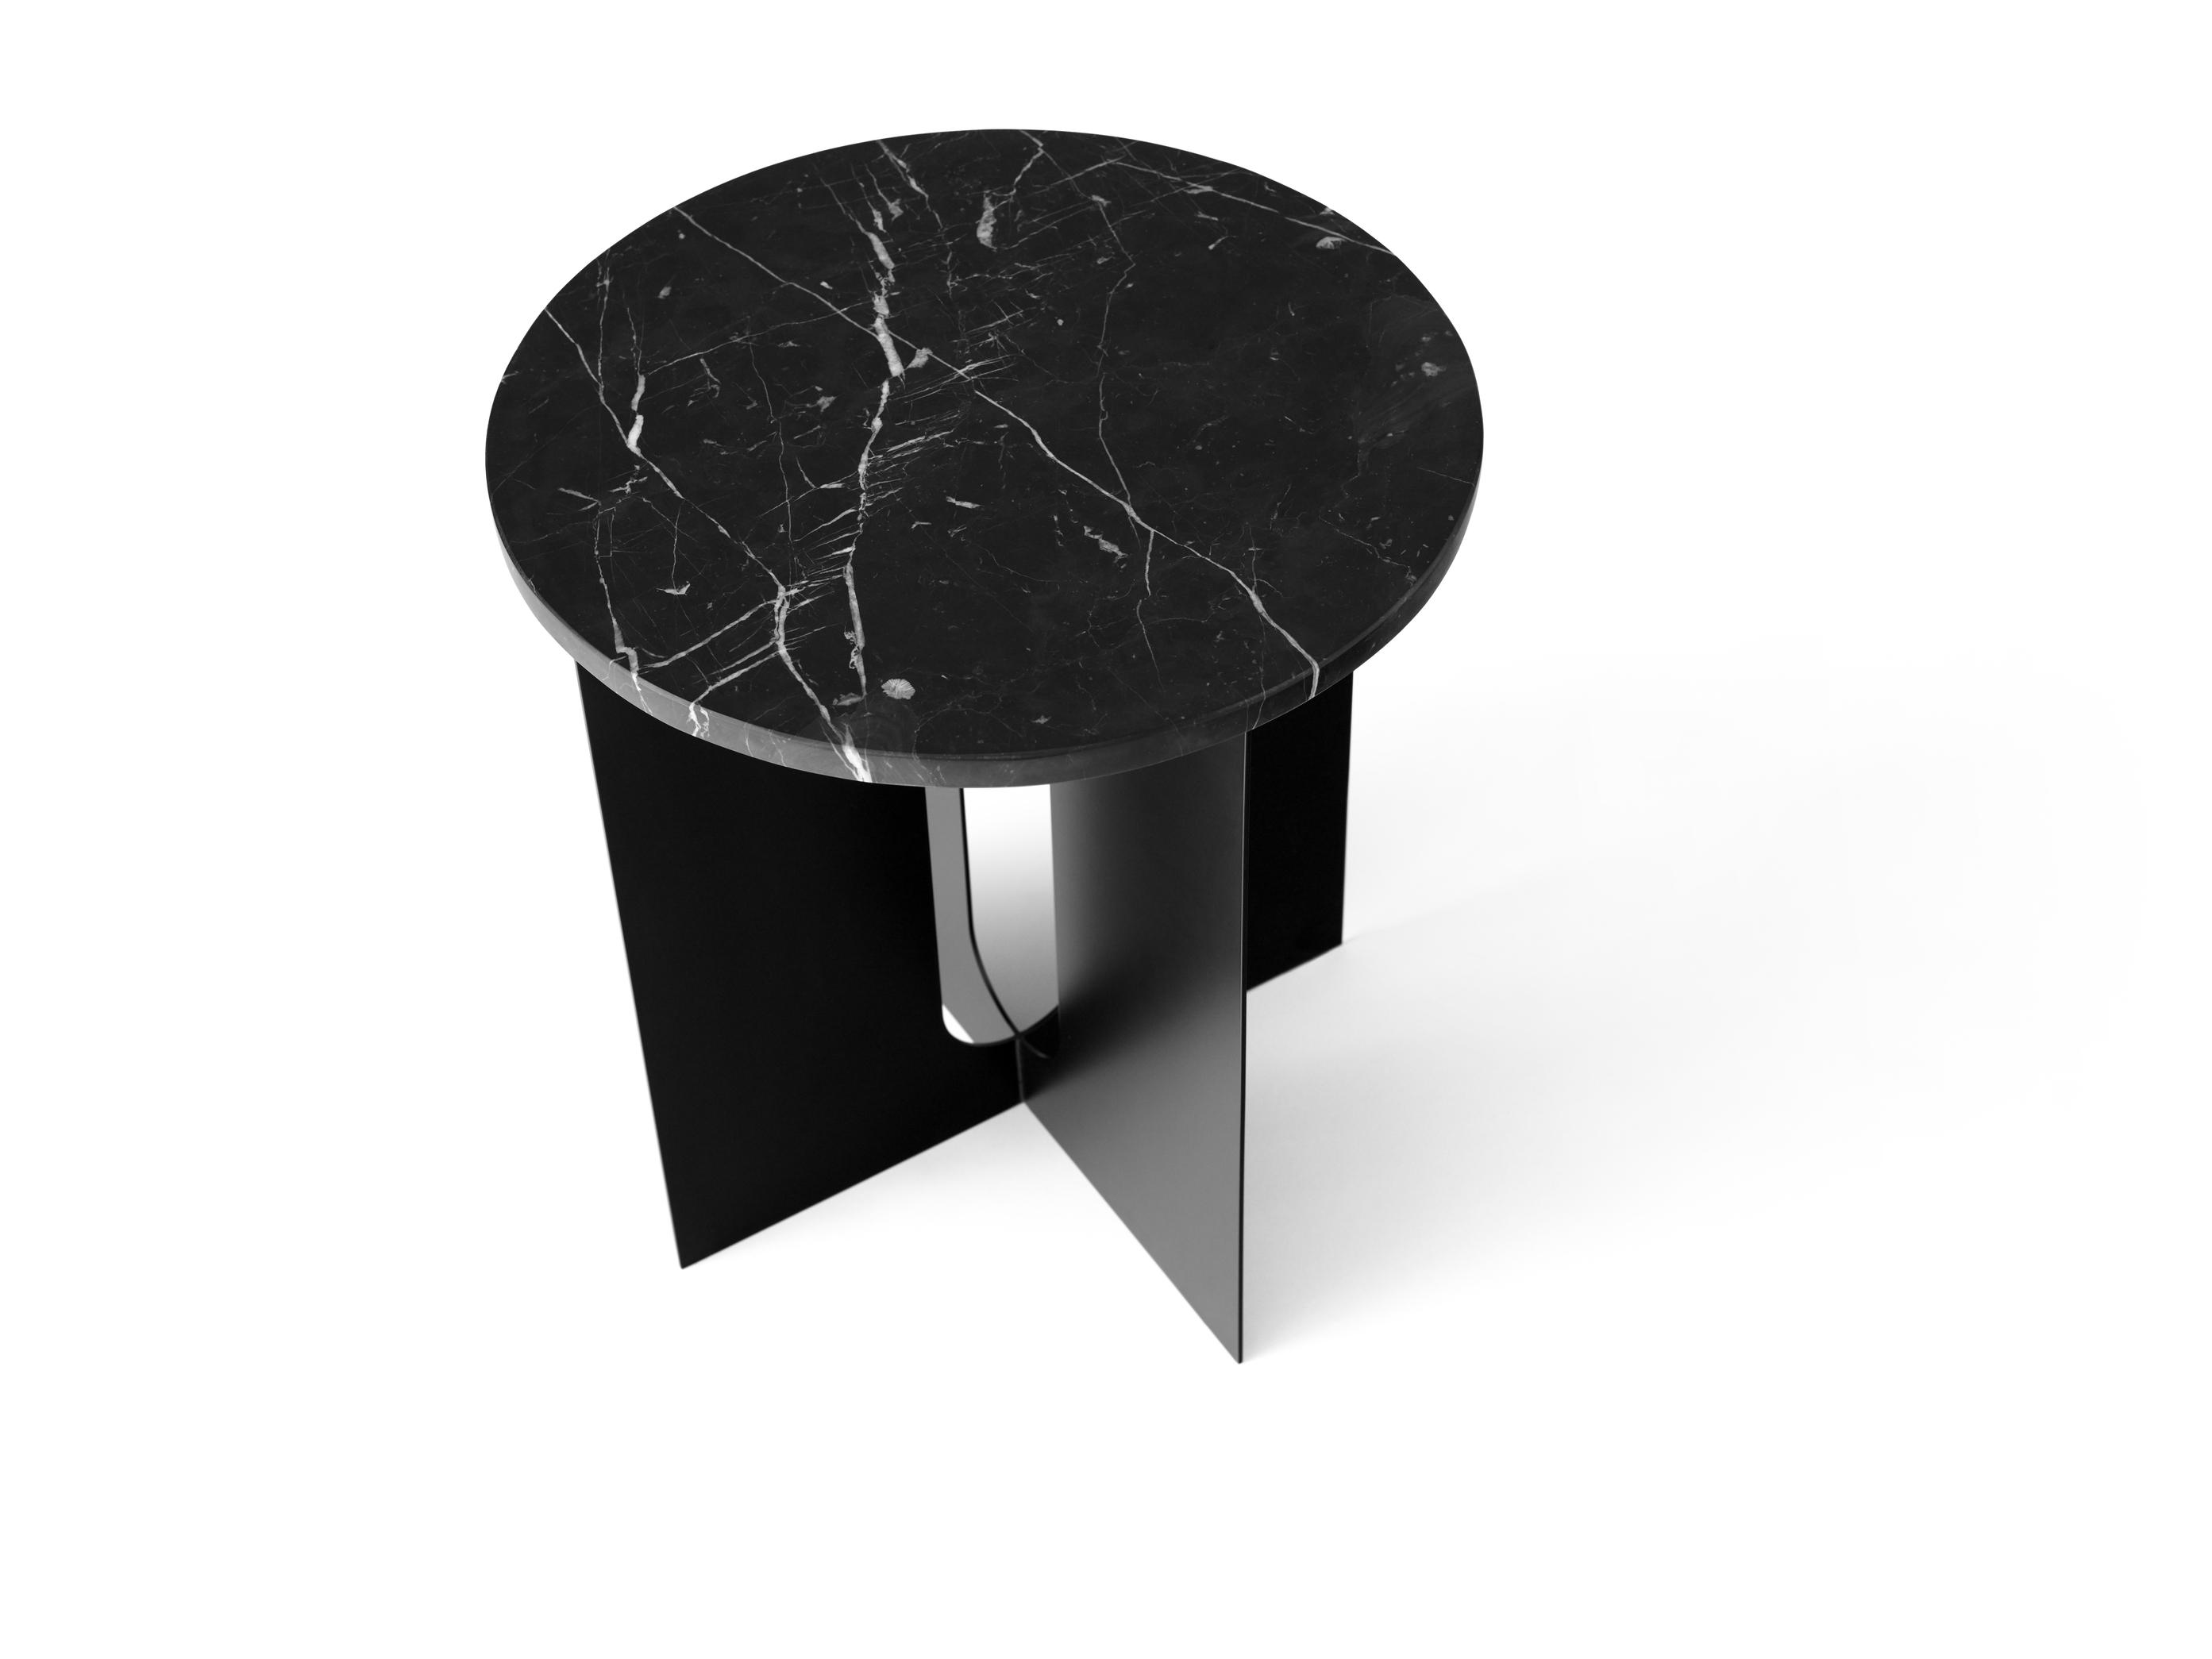 Fantastisk Bordplate til sidebord sort marmor - Backe i Grensen HG-98